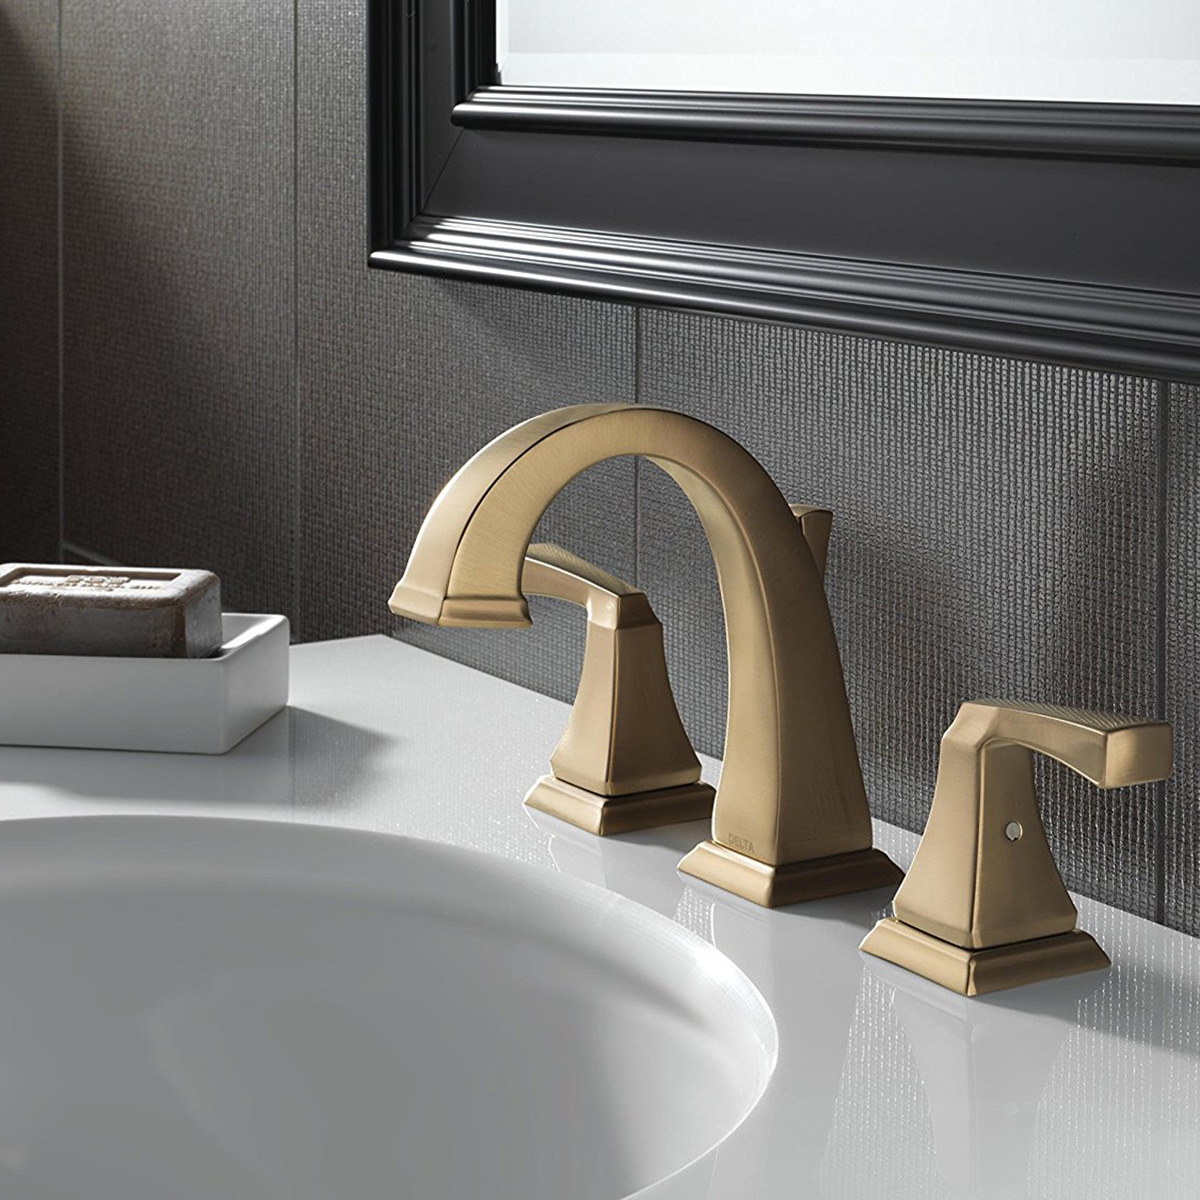 Delta Dryden Handle Widespread Bathroom Faucet Champagne Bronze - Champagne bronze bathroom faucet for bathroom decor ideas